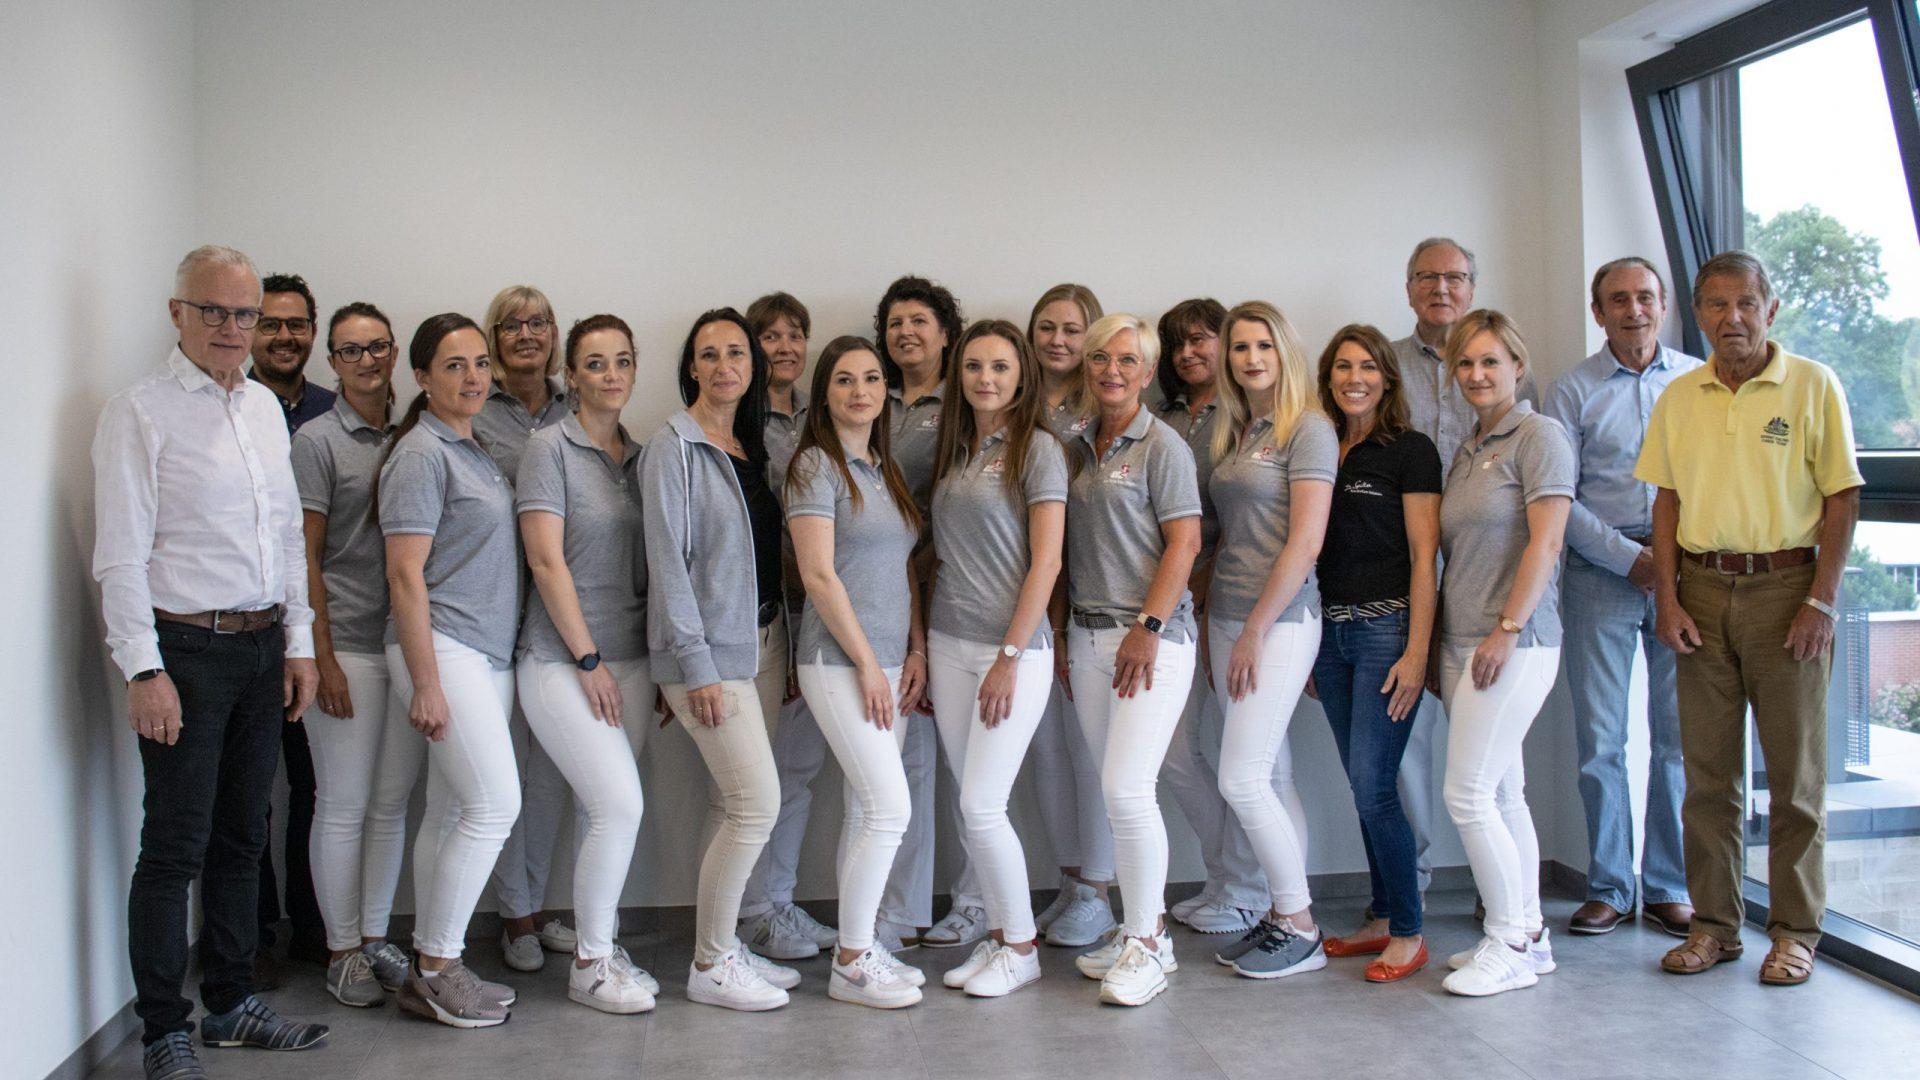 Das Team des MVZ Bersenbrück